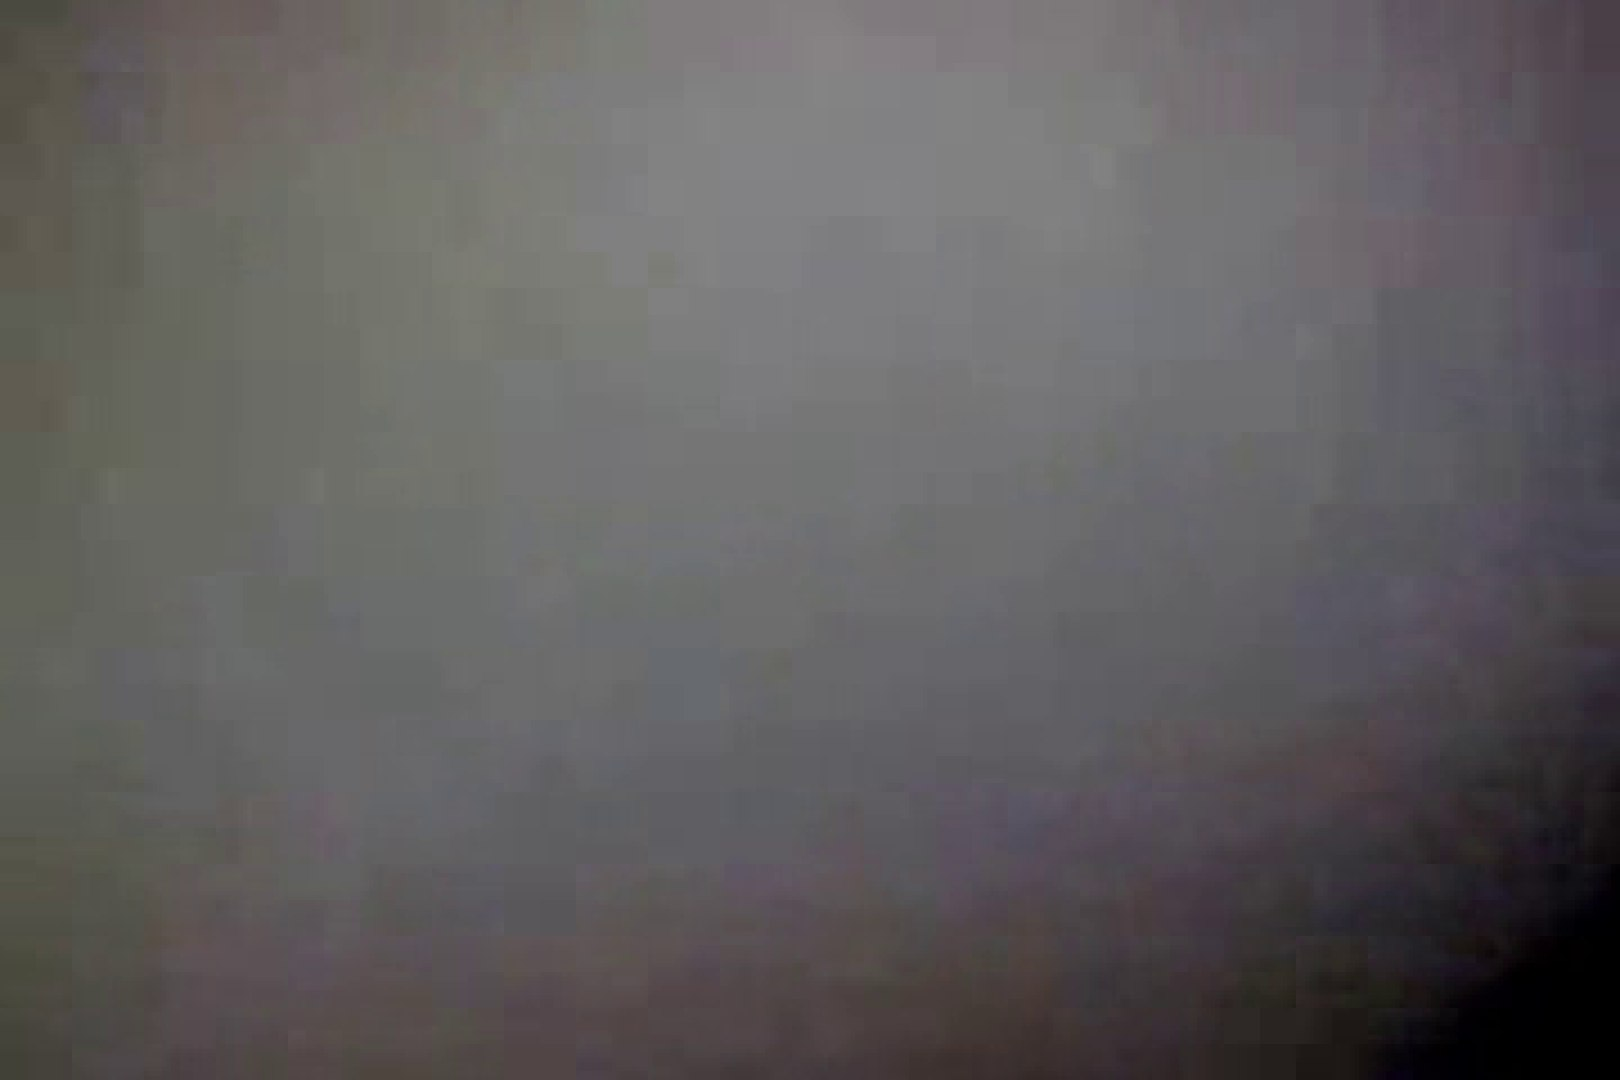 ファイル流出! ! 暗がりでの怪しいファック 流出特集 ゲイフェラチオ画像 114枚 111